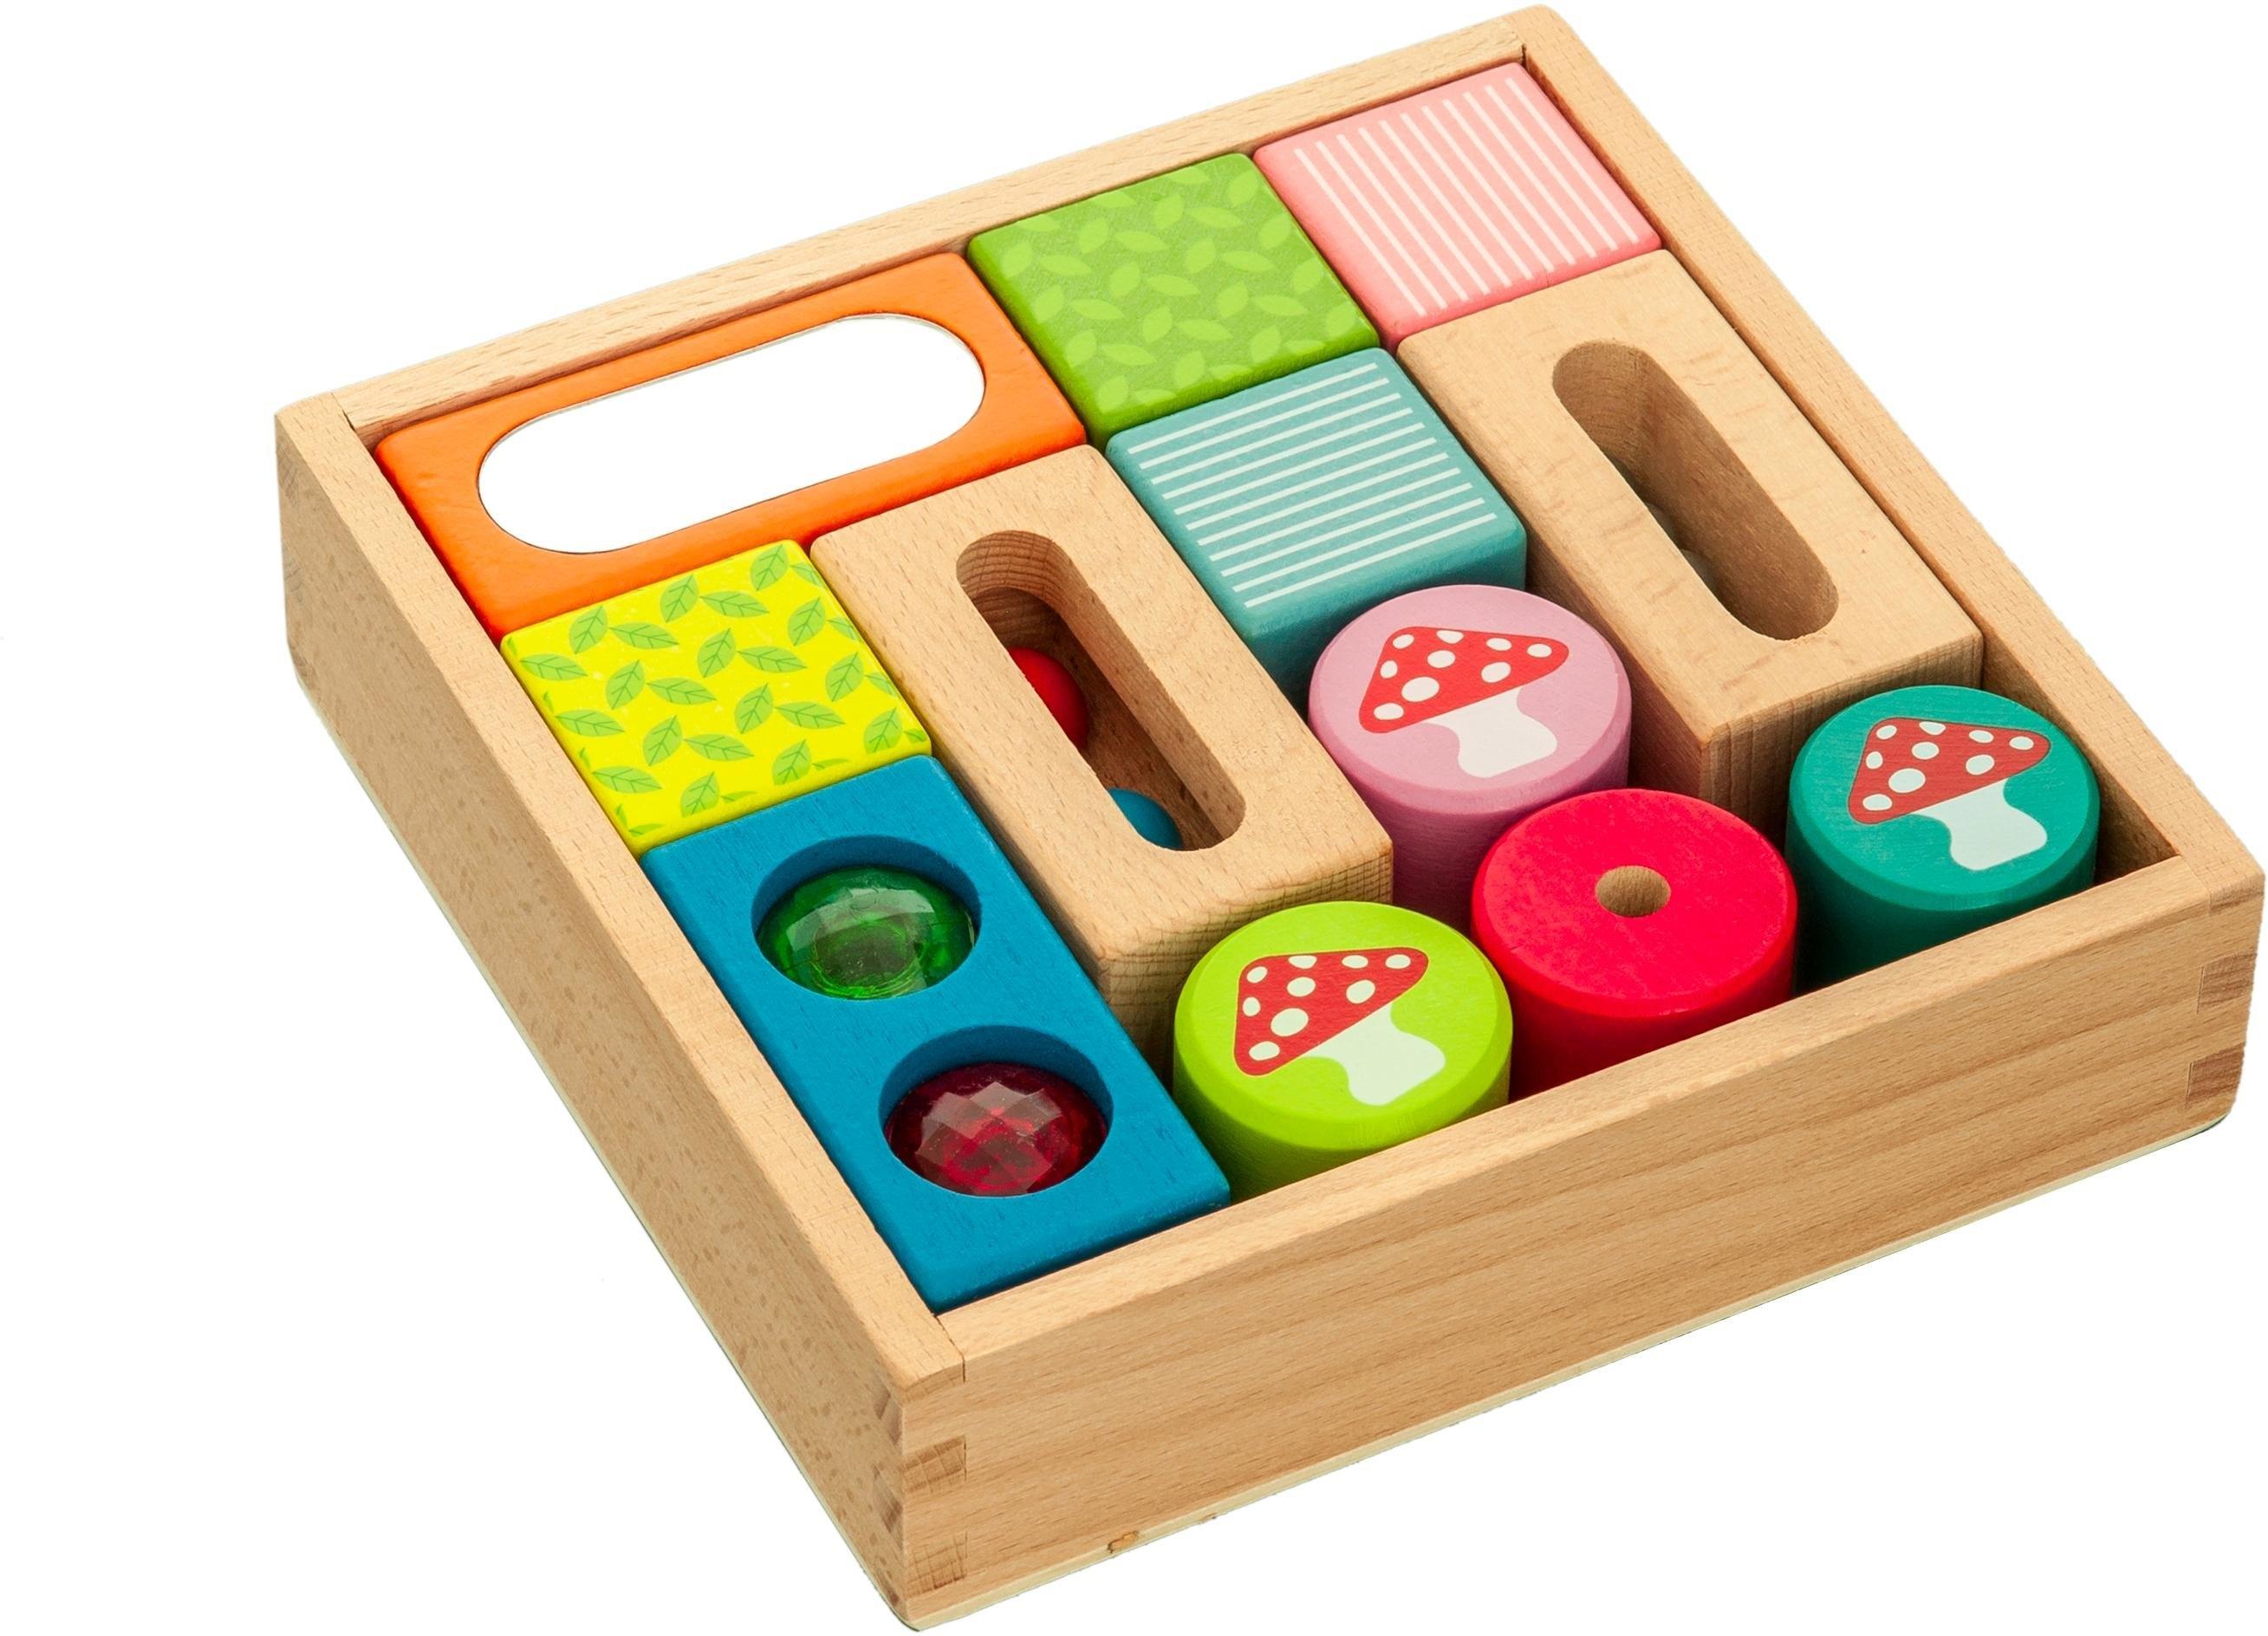 Everearth ® houten speelgoed, »Entdecker-Bauklötze« bestellen: 14 dagen bedenktijd